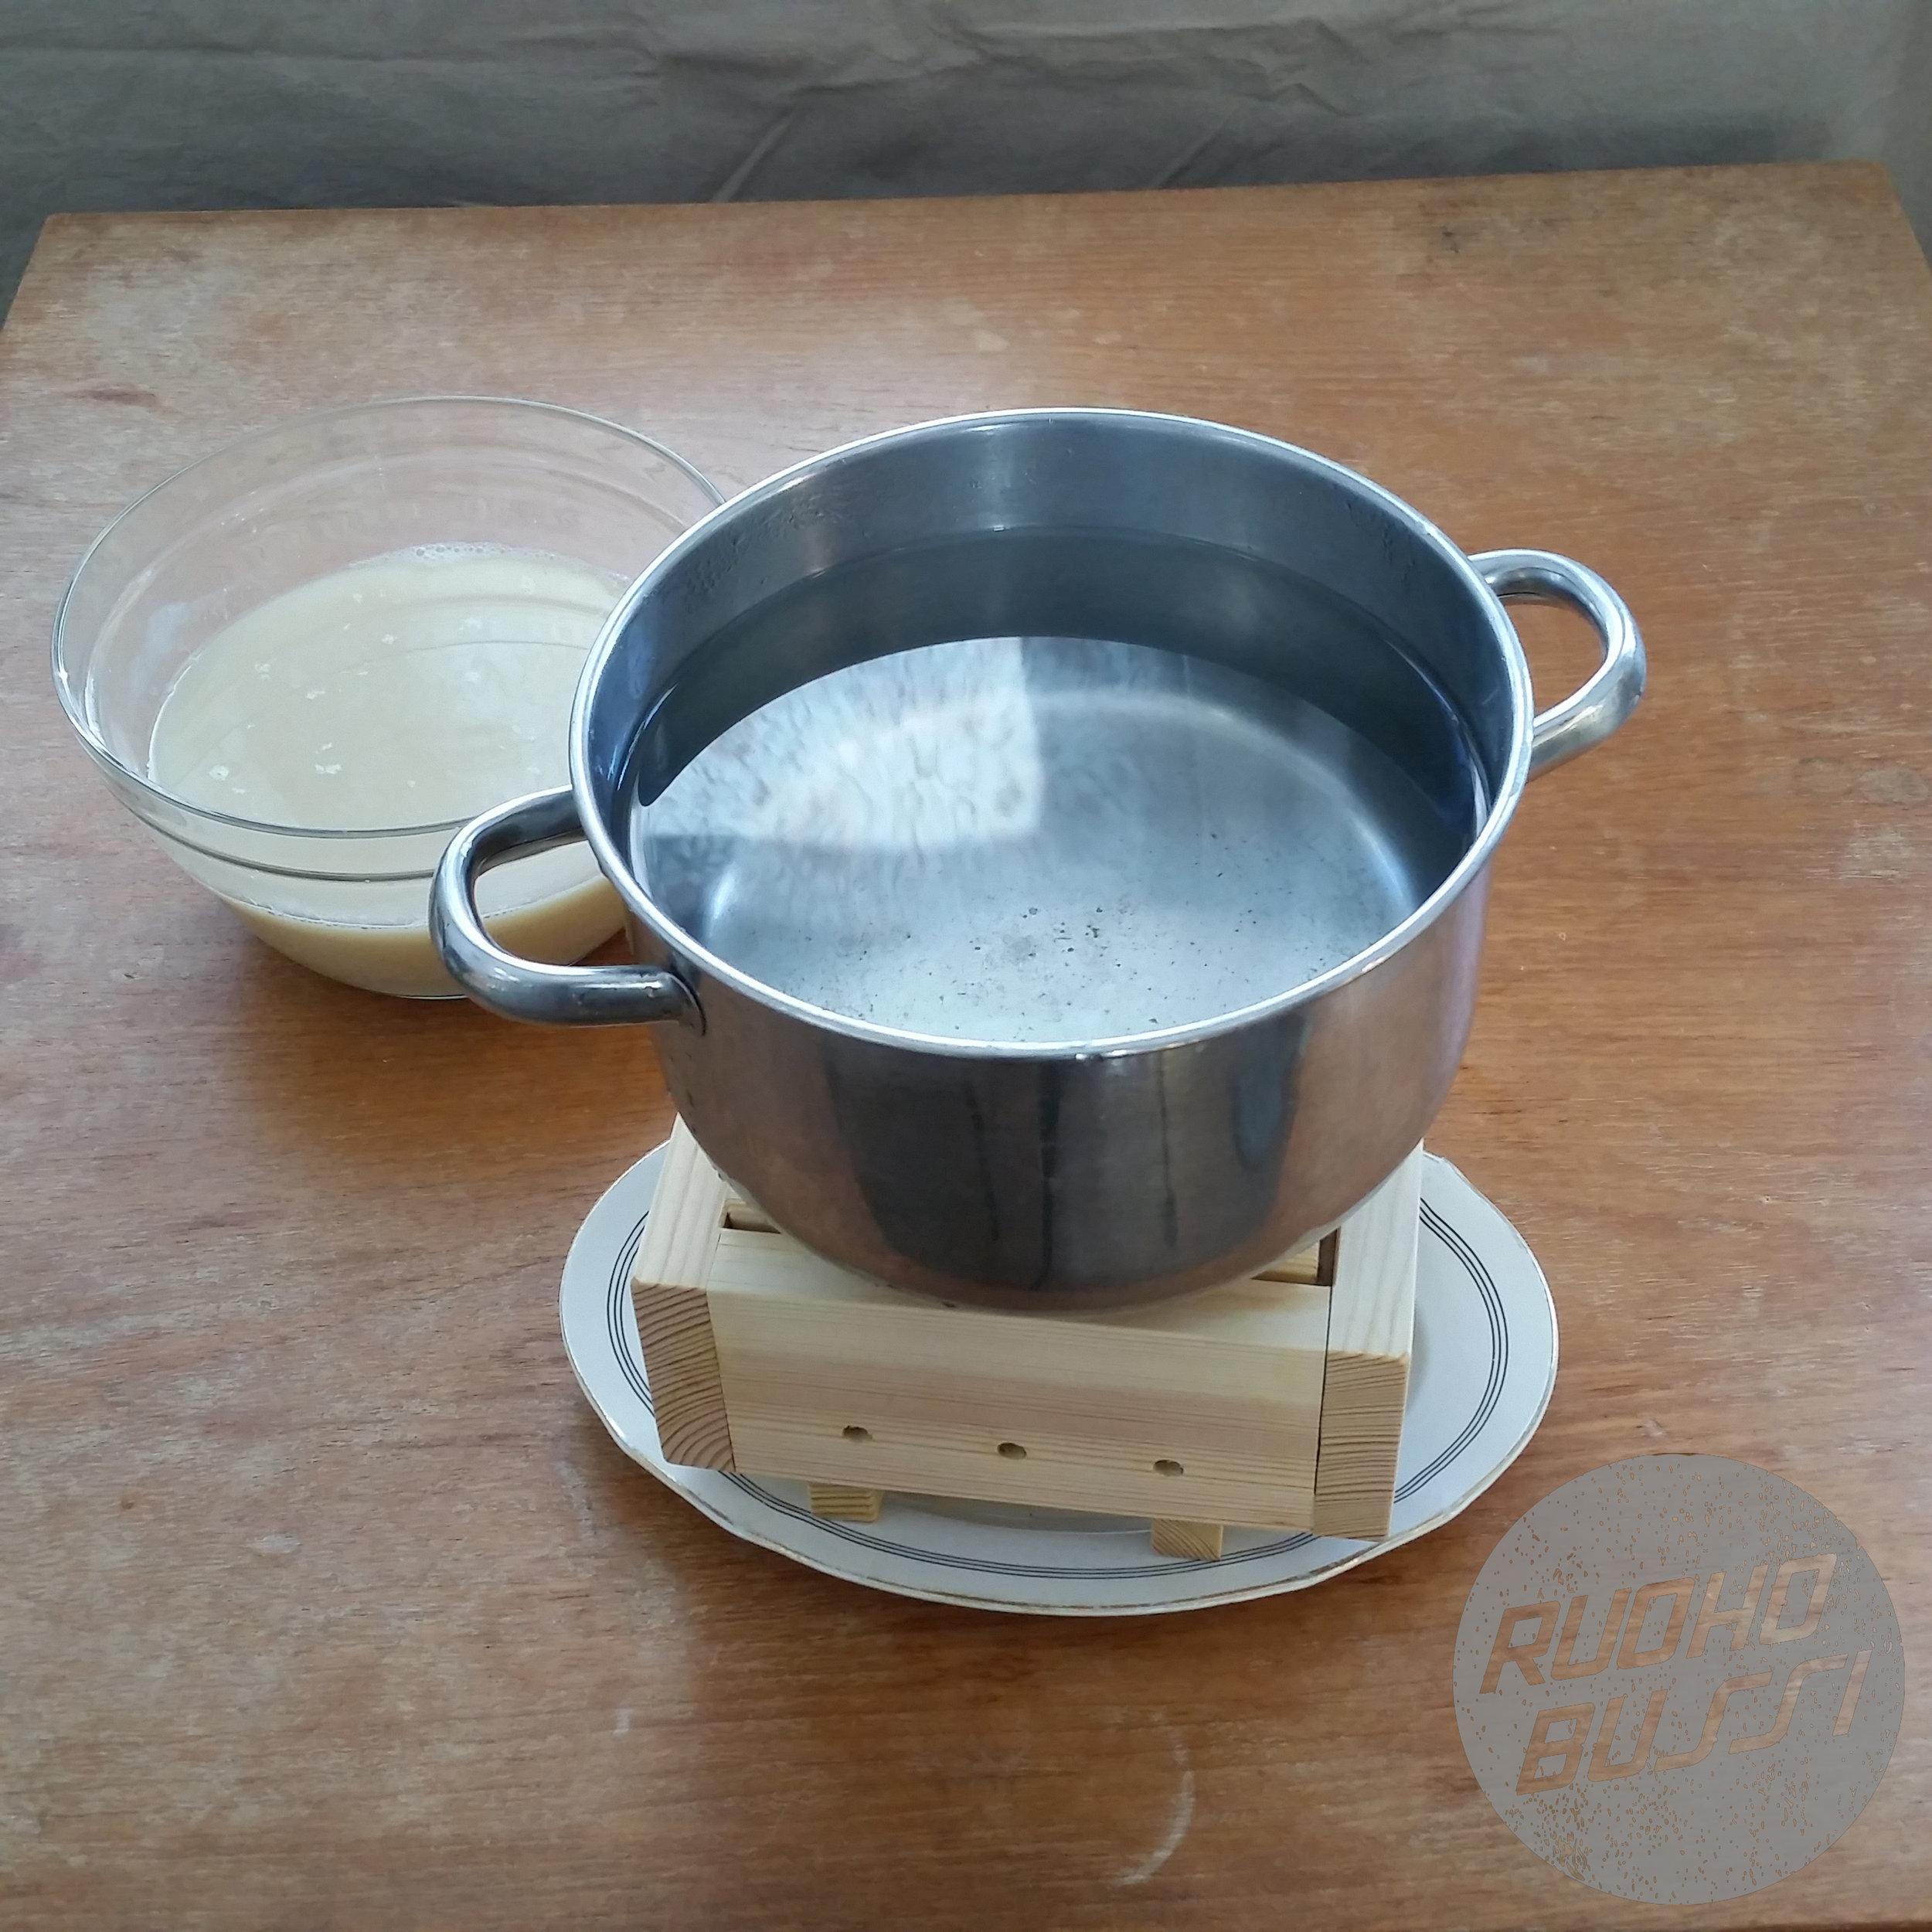 - Aseta laatikon päälle paino, esimerkiksi vedellä täytetty kattila ja anna hefun valua 30-60 minuuttia. Aika riippuu siitä, kuinka kiinteää hefua haluat. Jo puolen tunnin prässäyksen jälkeen hefu pysyy kasassa ja on helposti leikattavaa. Jos taas haluat pehmeämpää hefua, prässää vaikka vain 15 minuuttia.